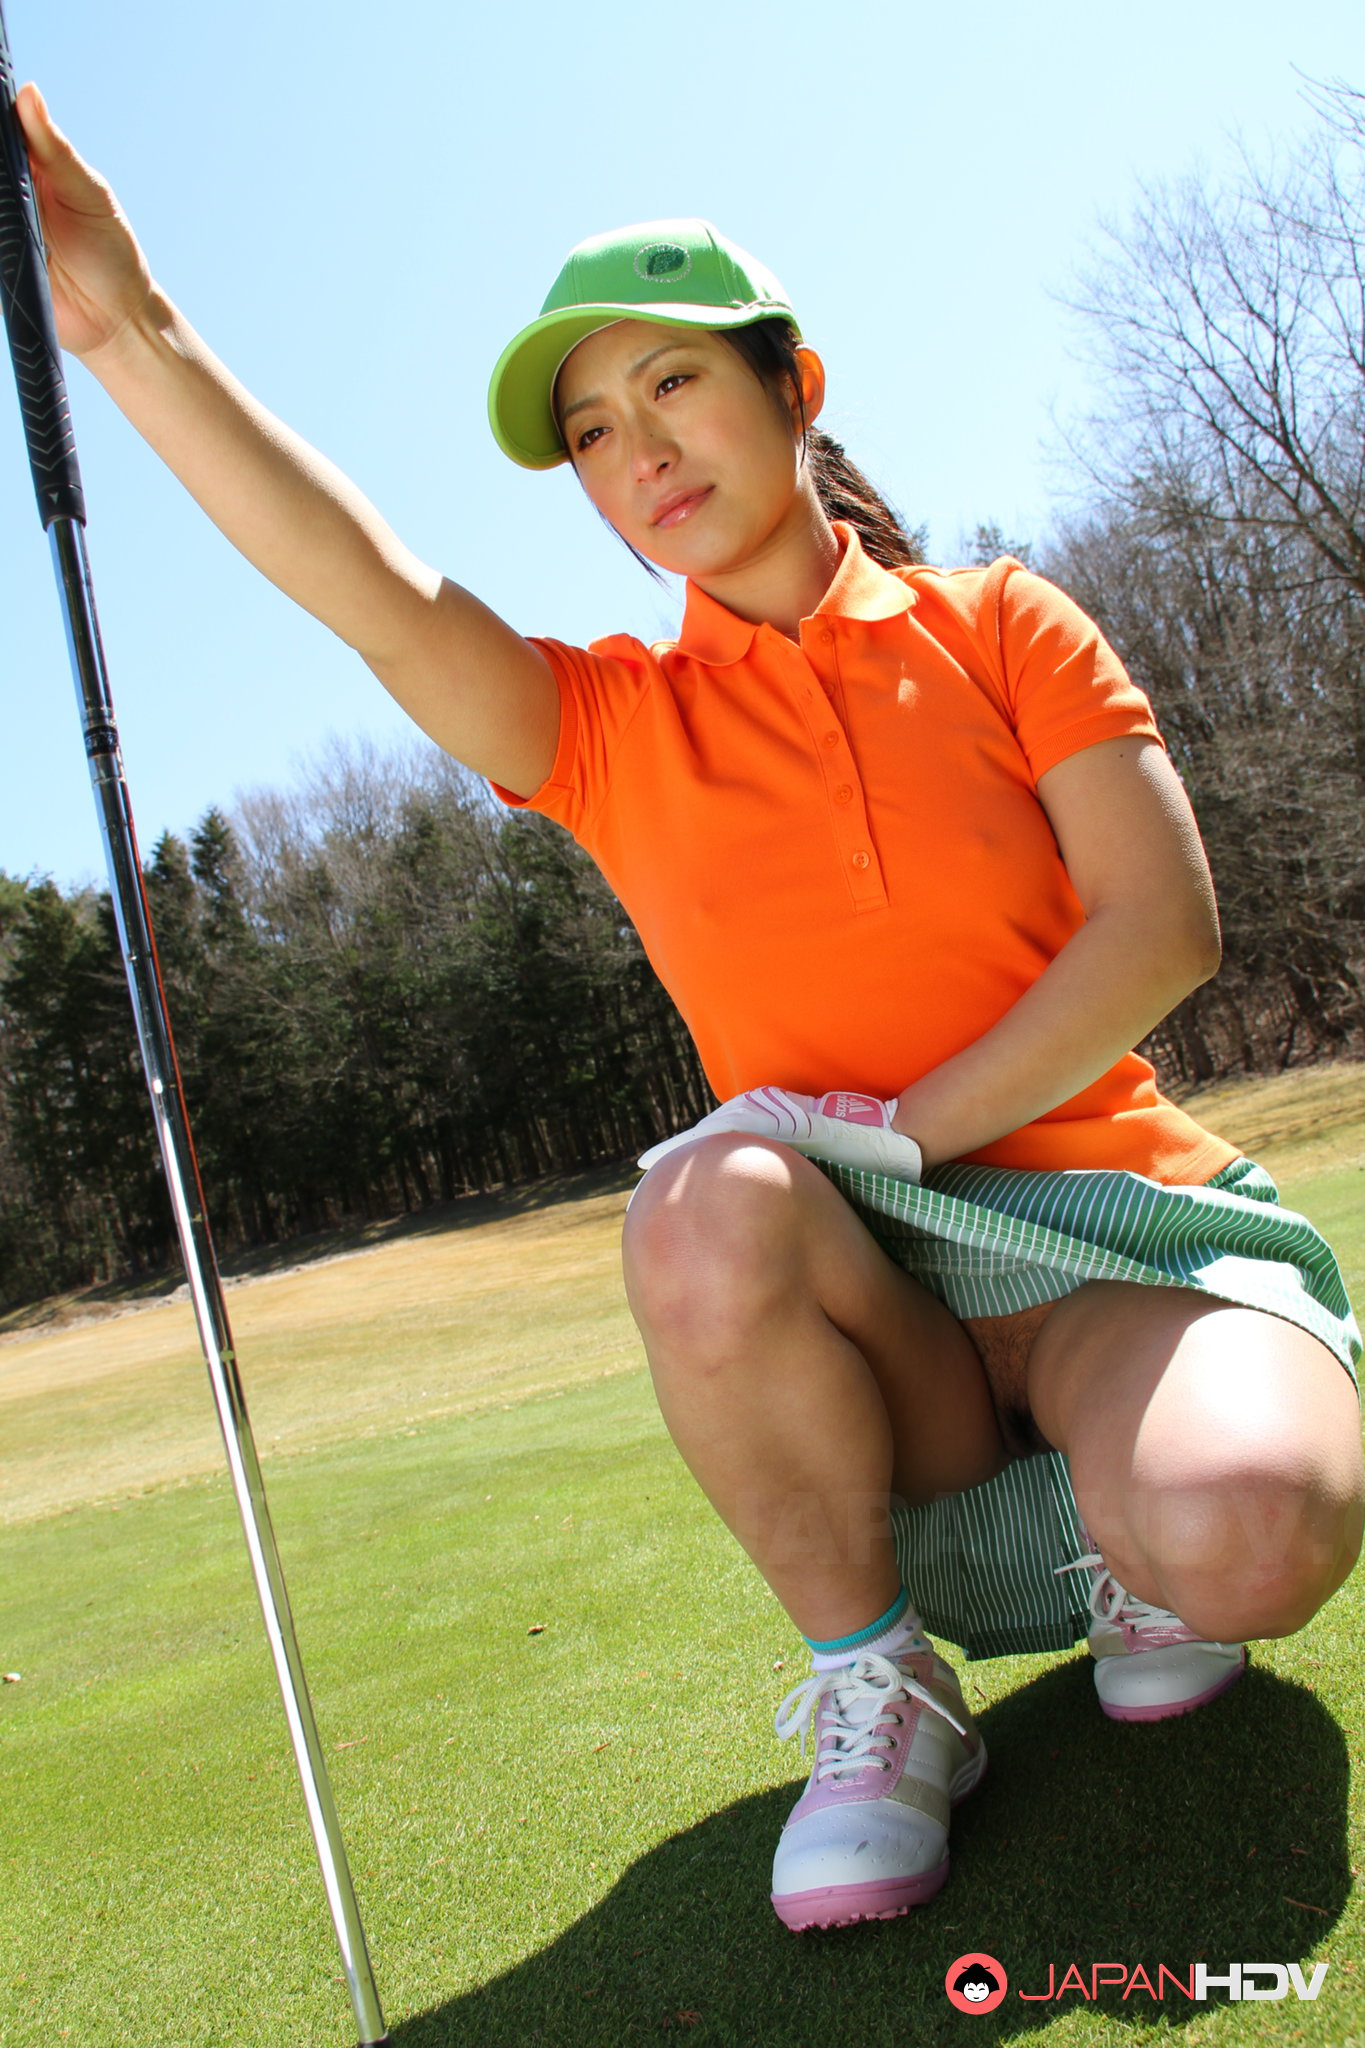 asian girls golfing naked